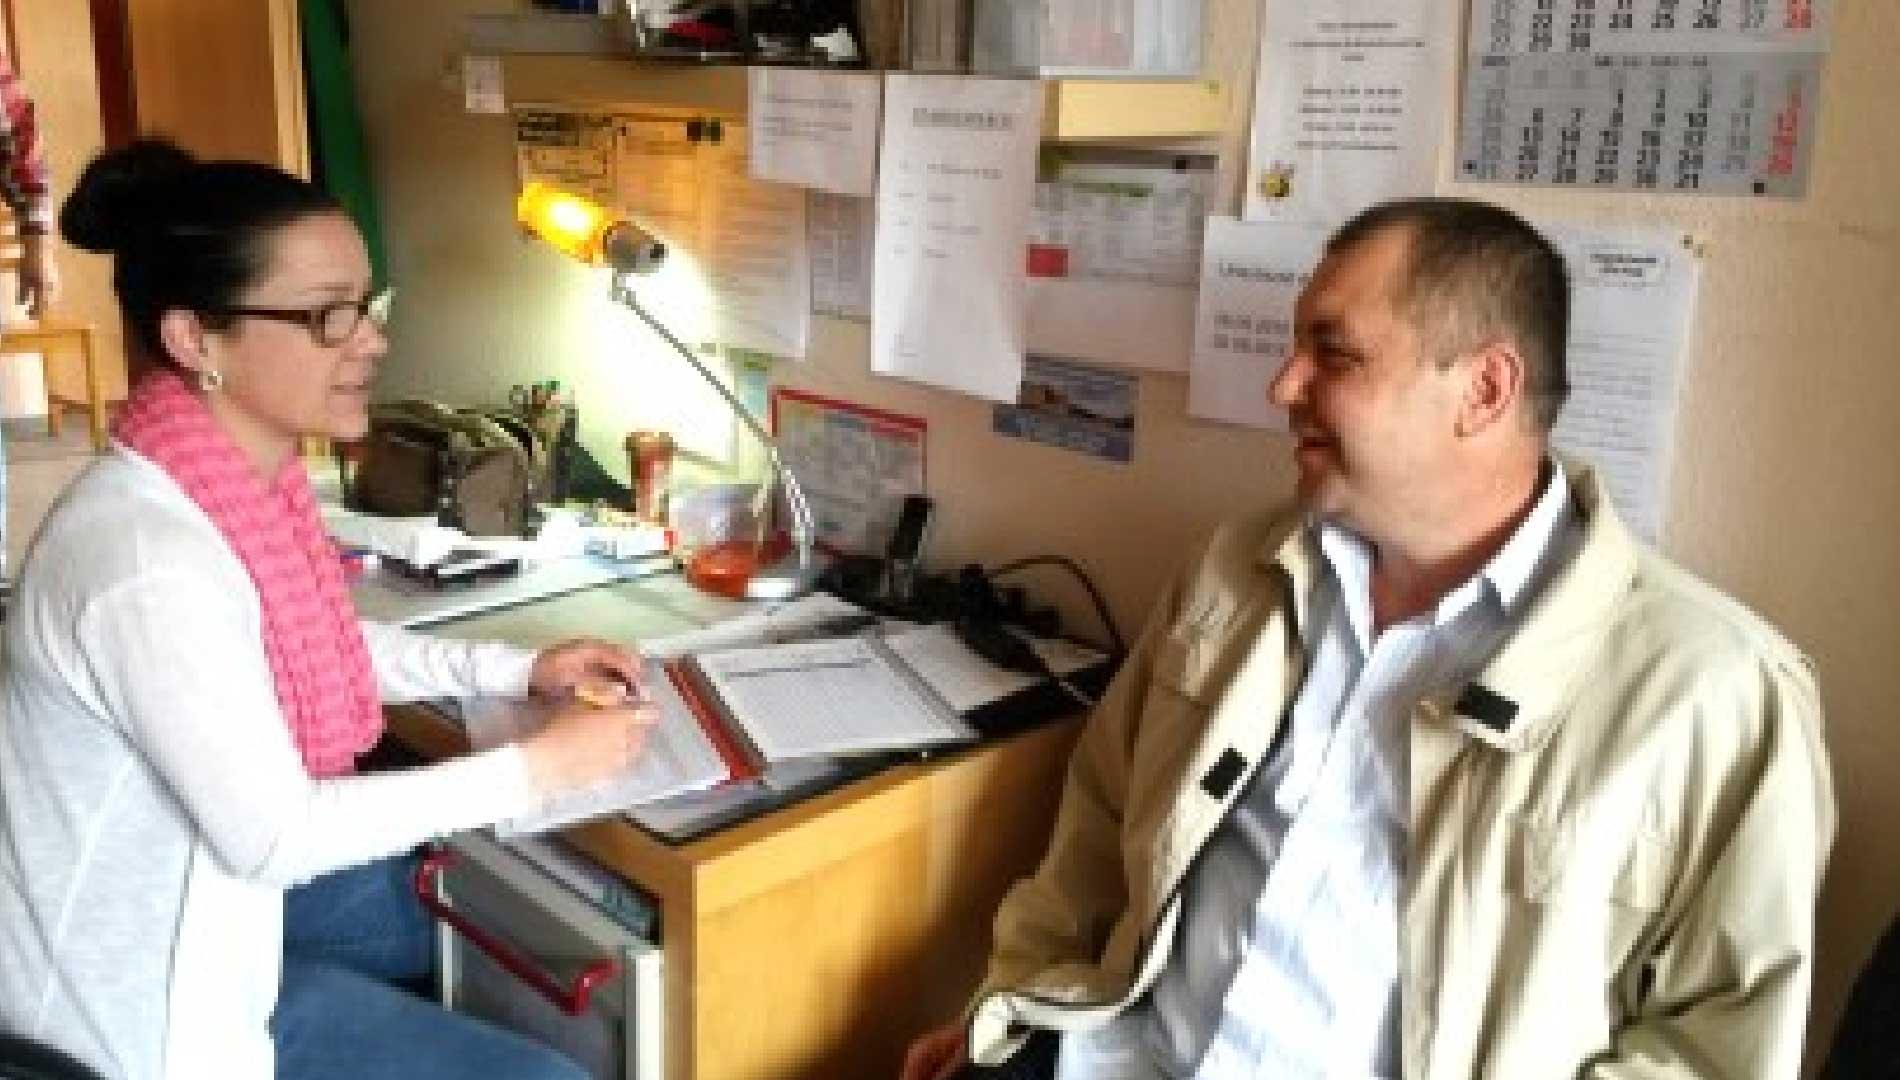 Soziale Arbeit im Fachpflegezentrum Diligenzia Polle